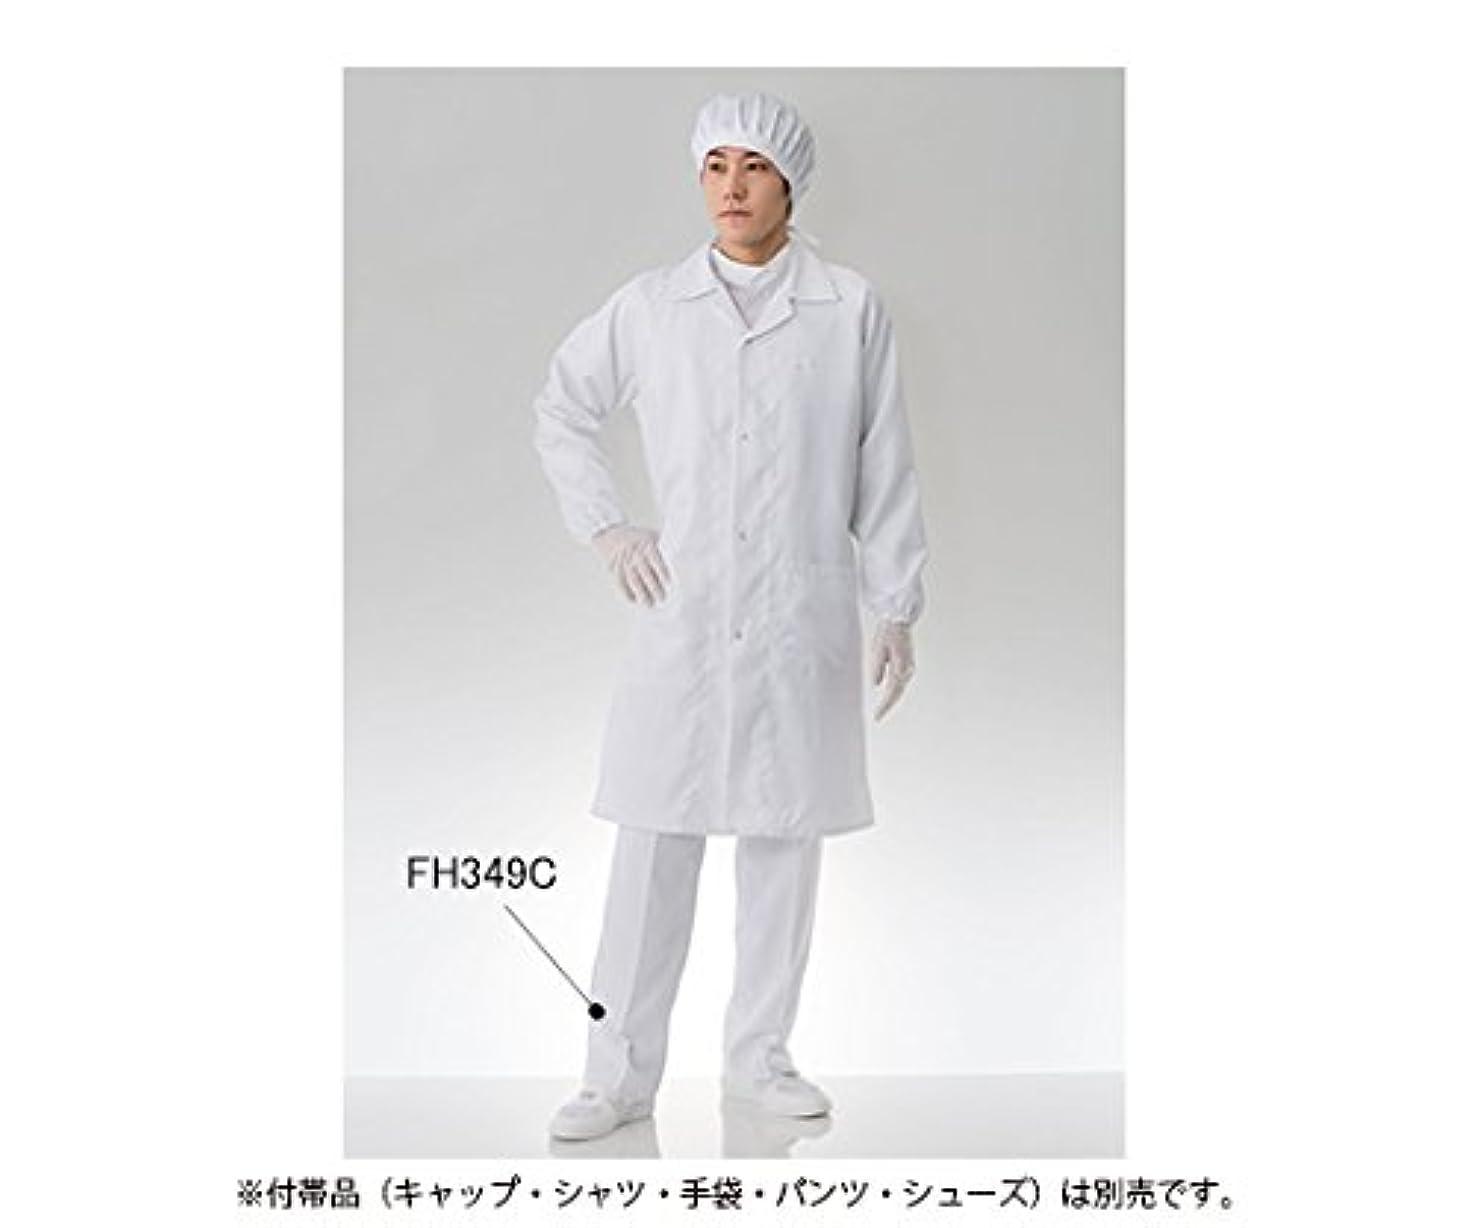 原因本体委任する東洋リントフリー 防塵コート 白 3L 61-0092-36/FH240C-01